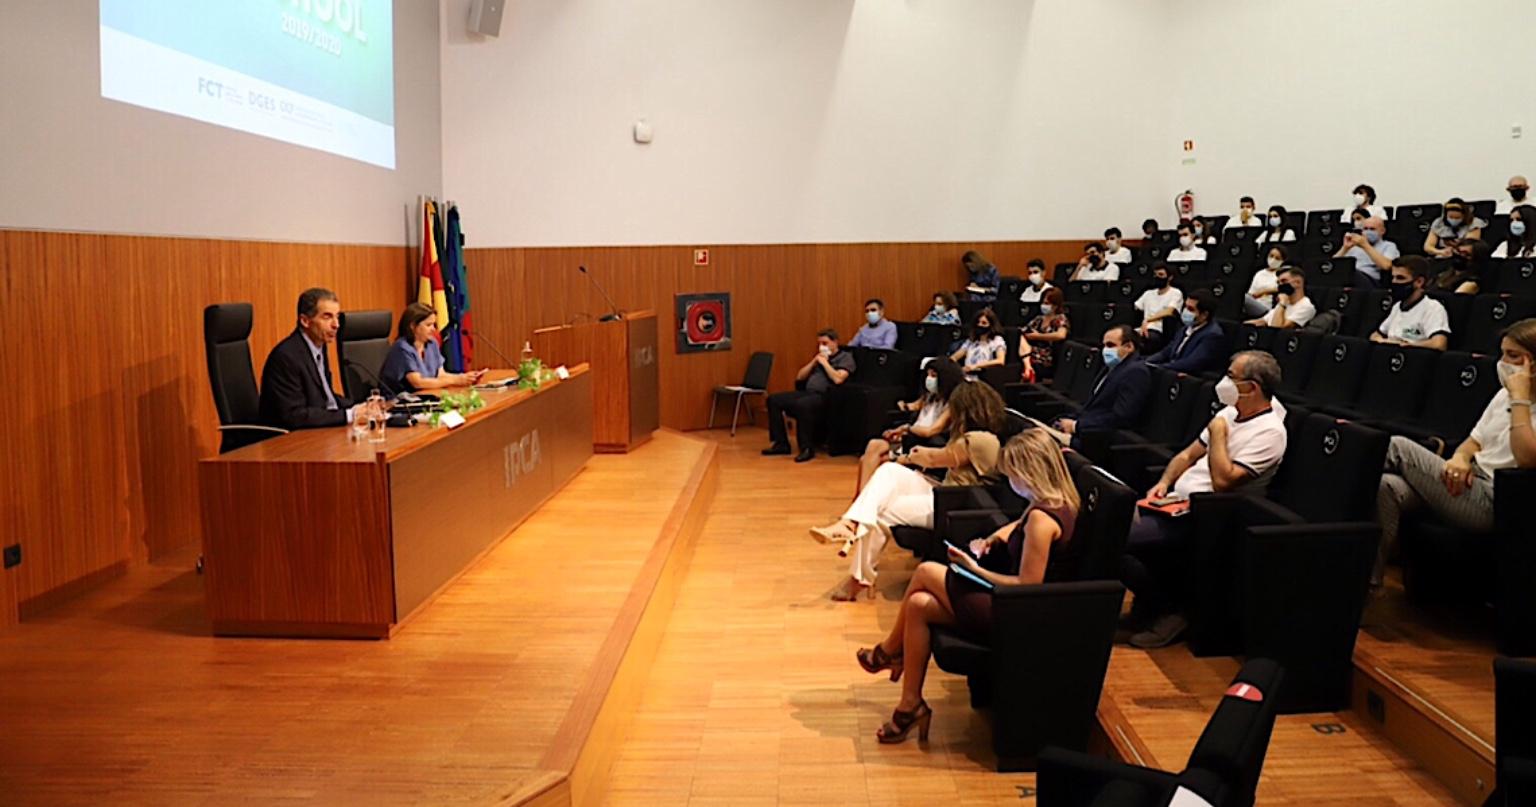 Ensino Superior presencial em Portugal pode ser complementado com ensino à distância